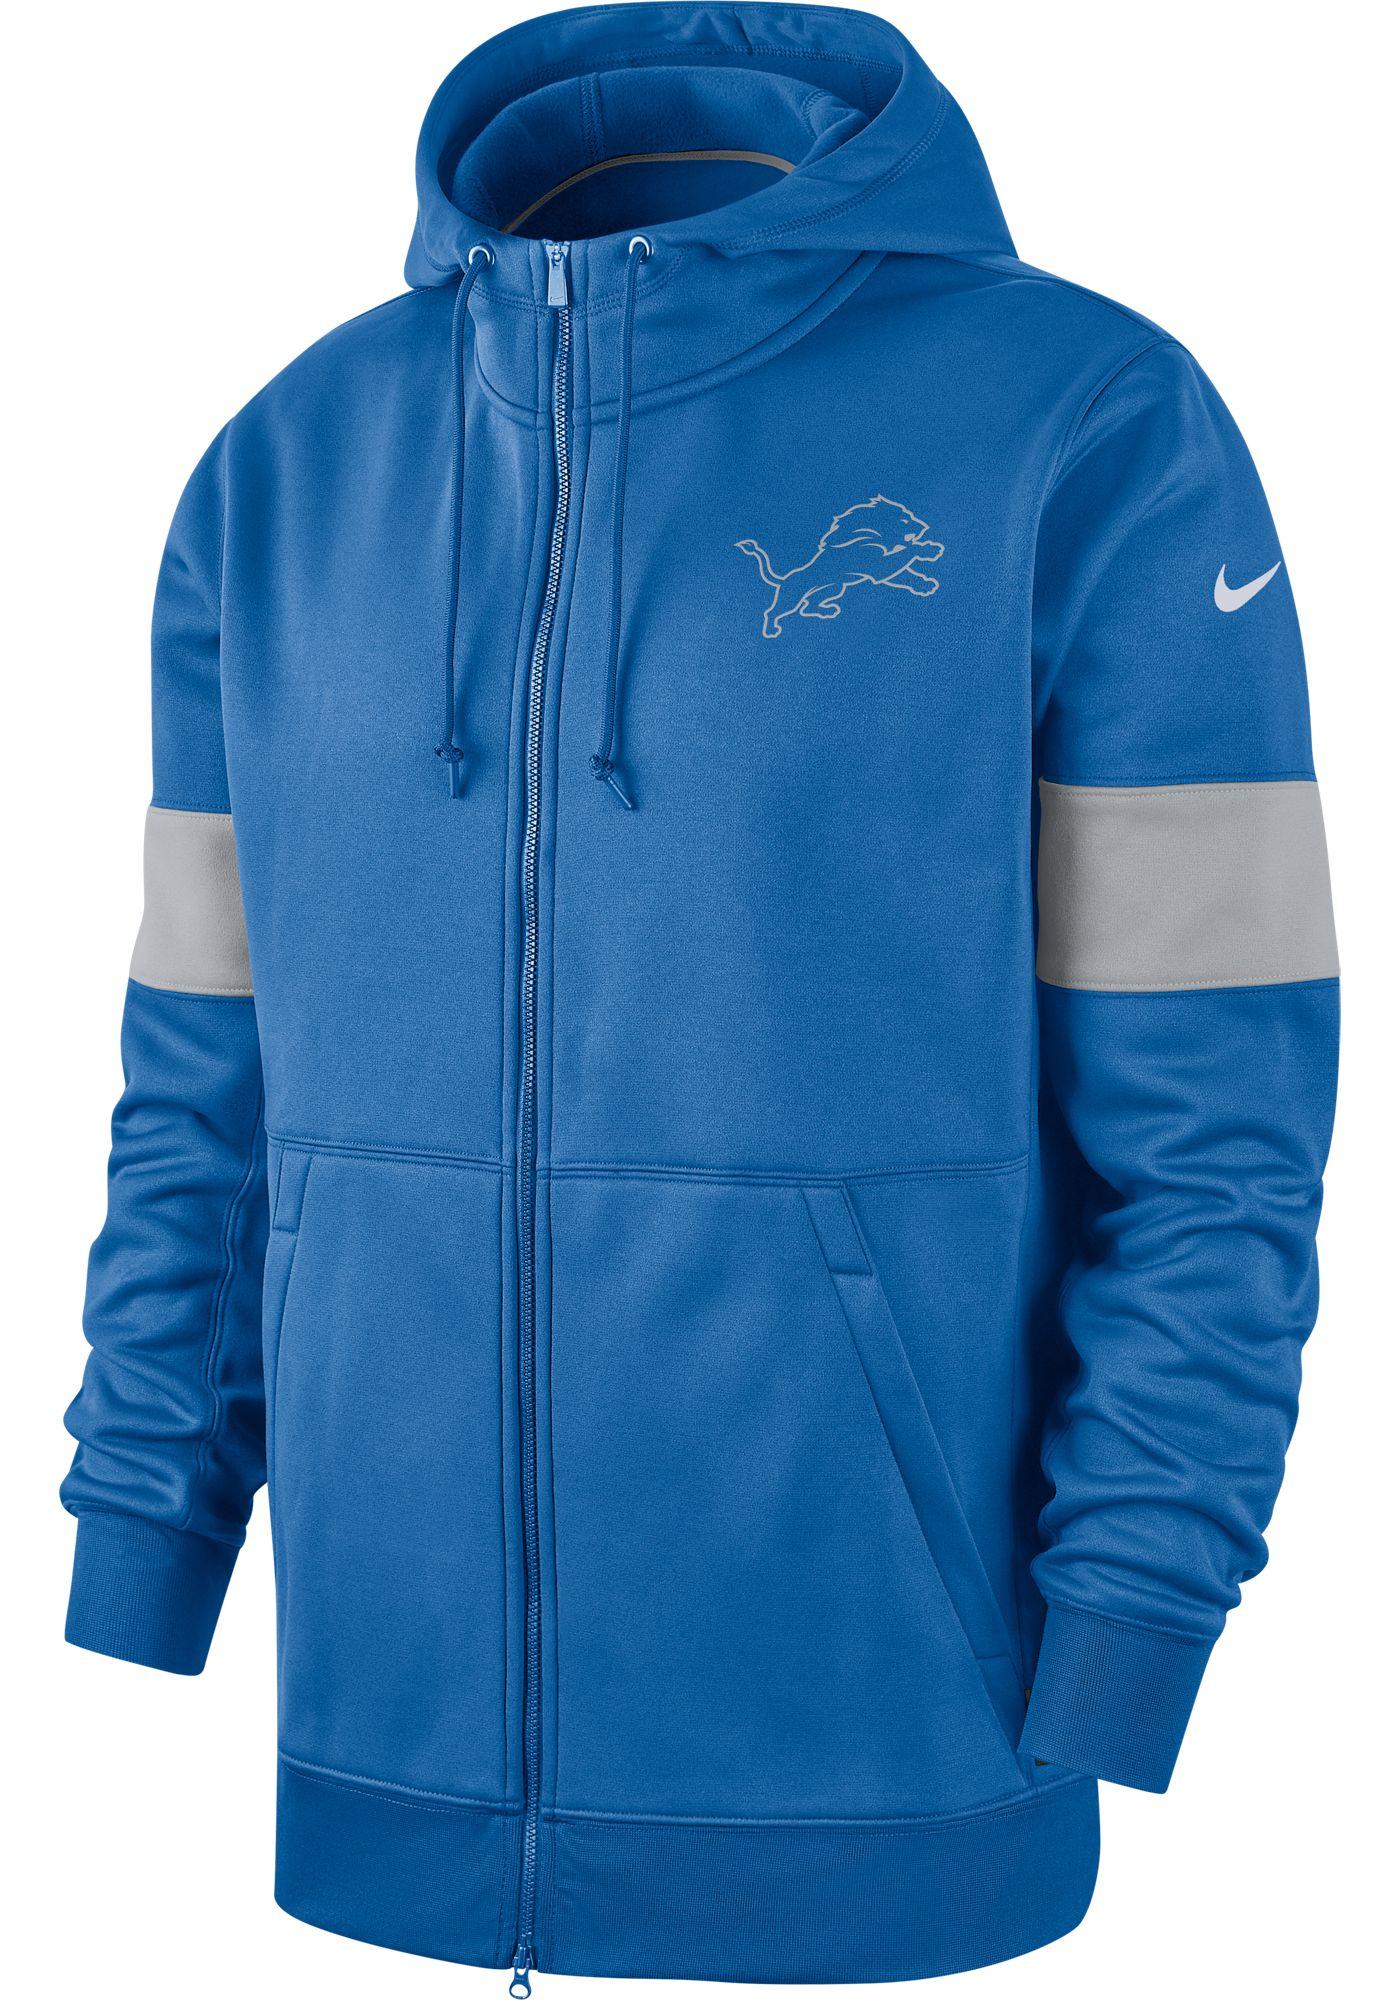 Nike Men's Detroit Lions Sideline Therma-FIT Blue Full-Zip Hoodie